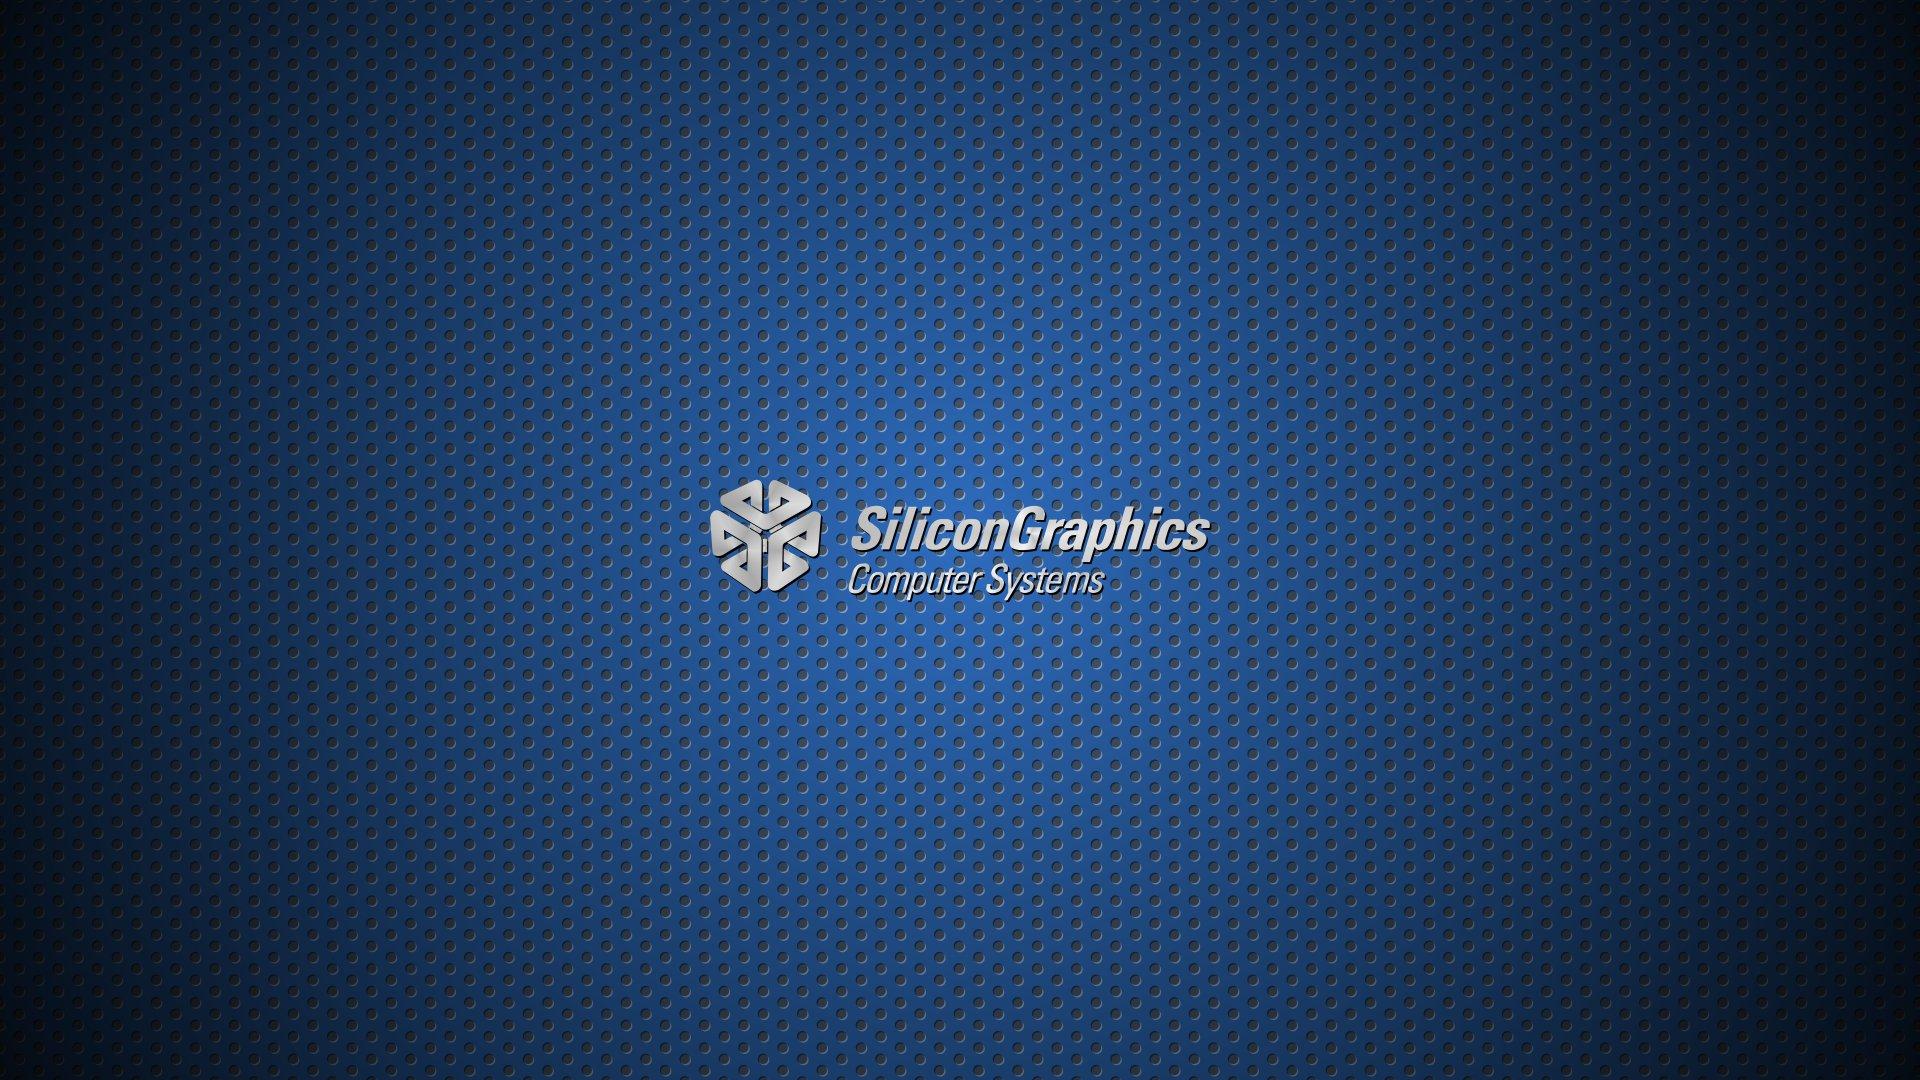 Silicon Graphics (SGI) 1920 x 1080 HD Wallpaper ...